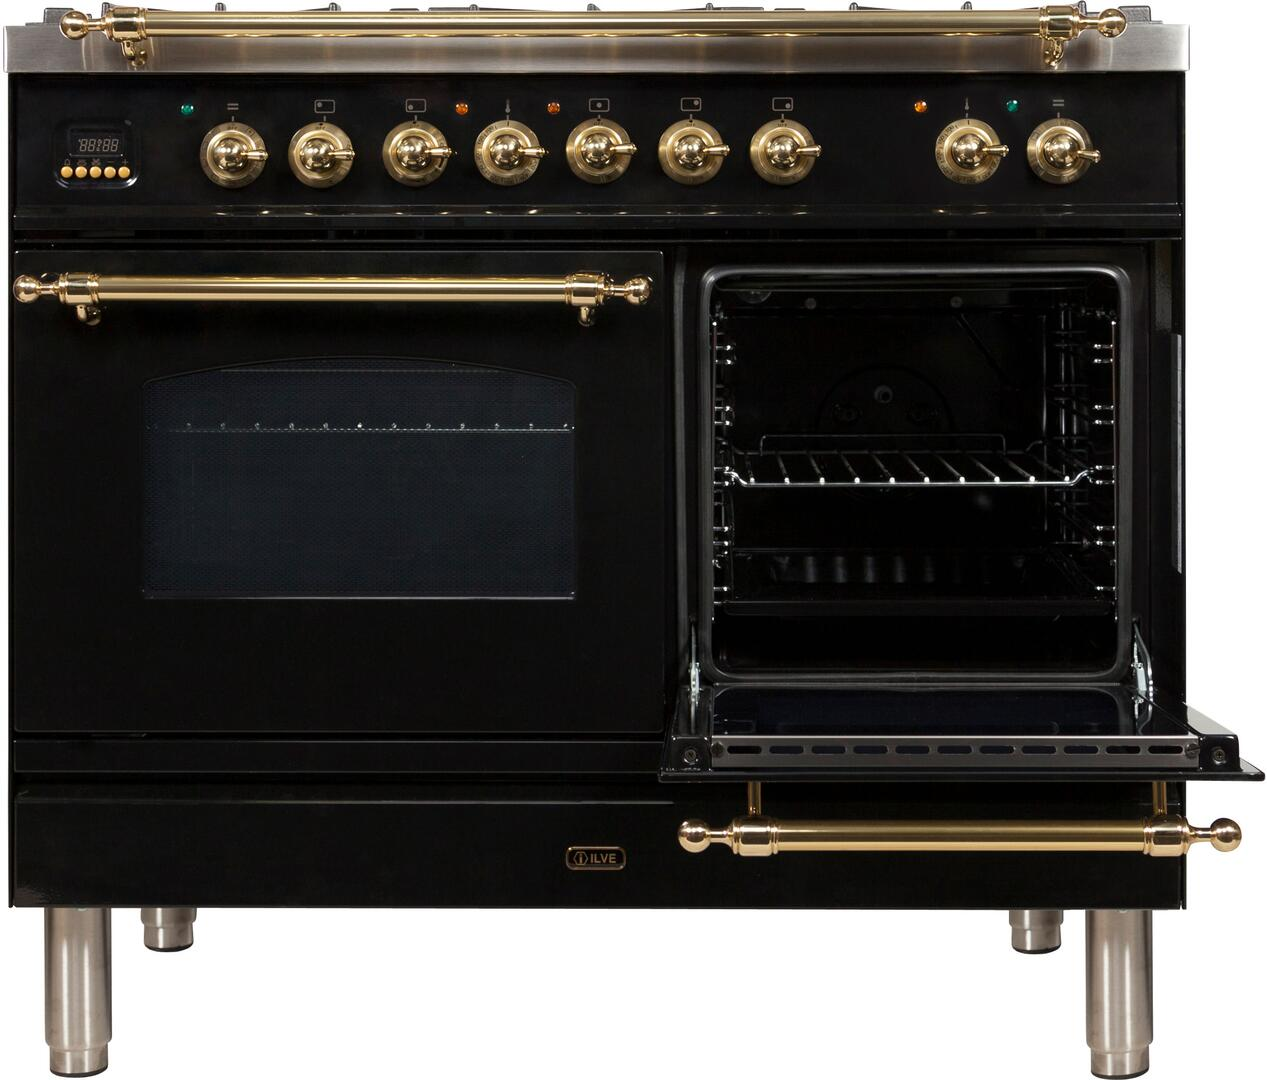 Ilve Nostalgie UPDN100FDMPNLP Freestanding Dual Fuel Range Black, UPDN100FDMPNLP Secondary Oven Door Opened